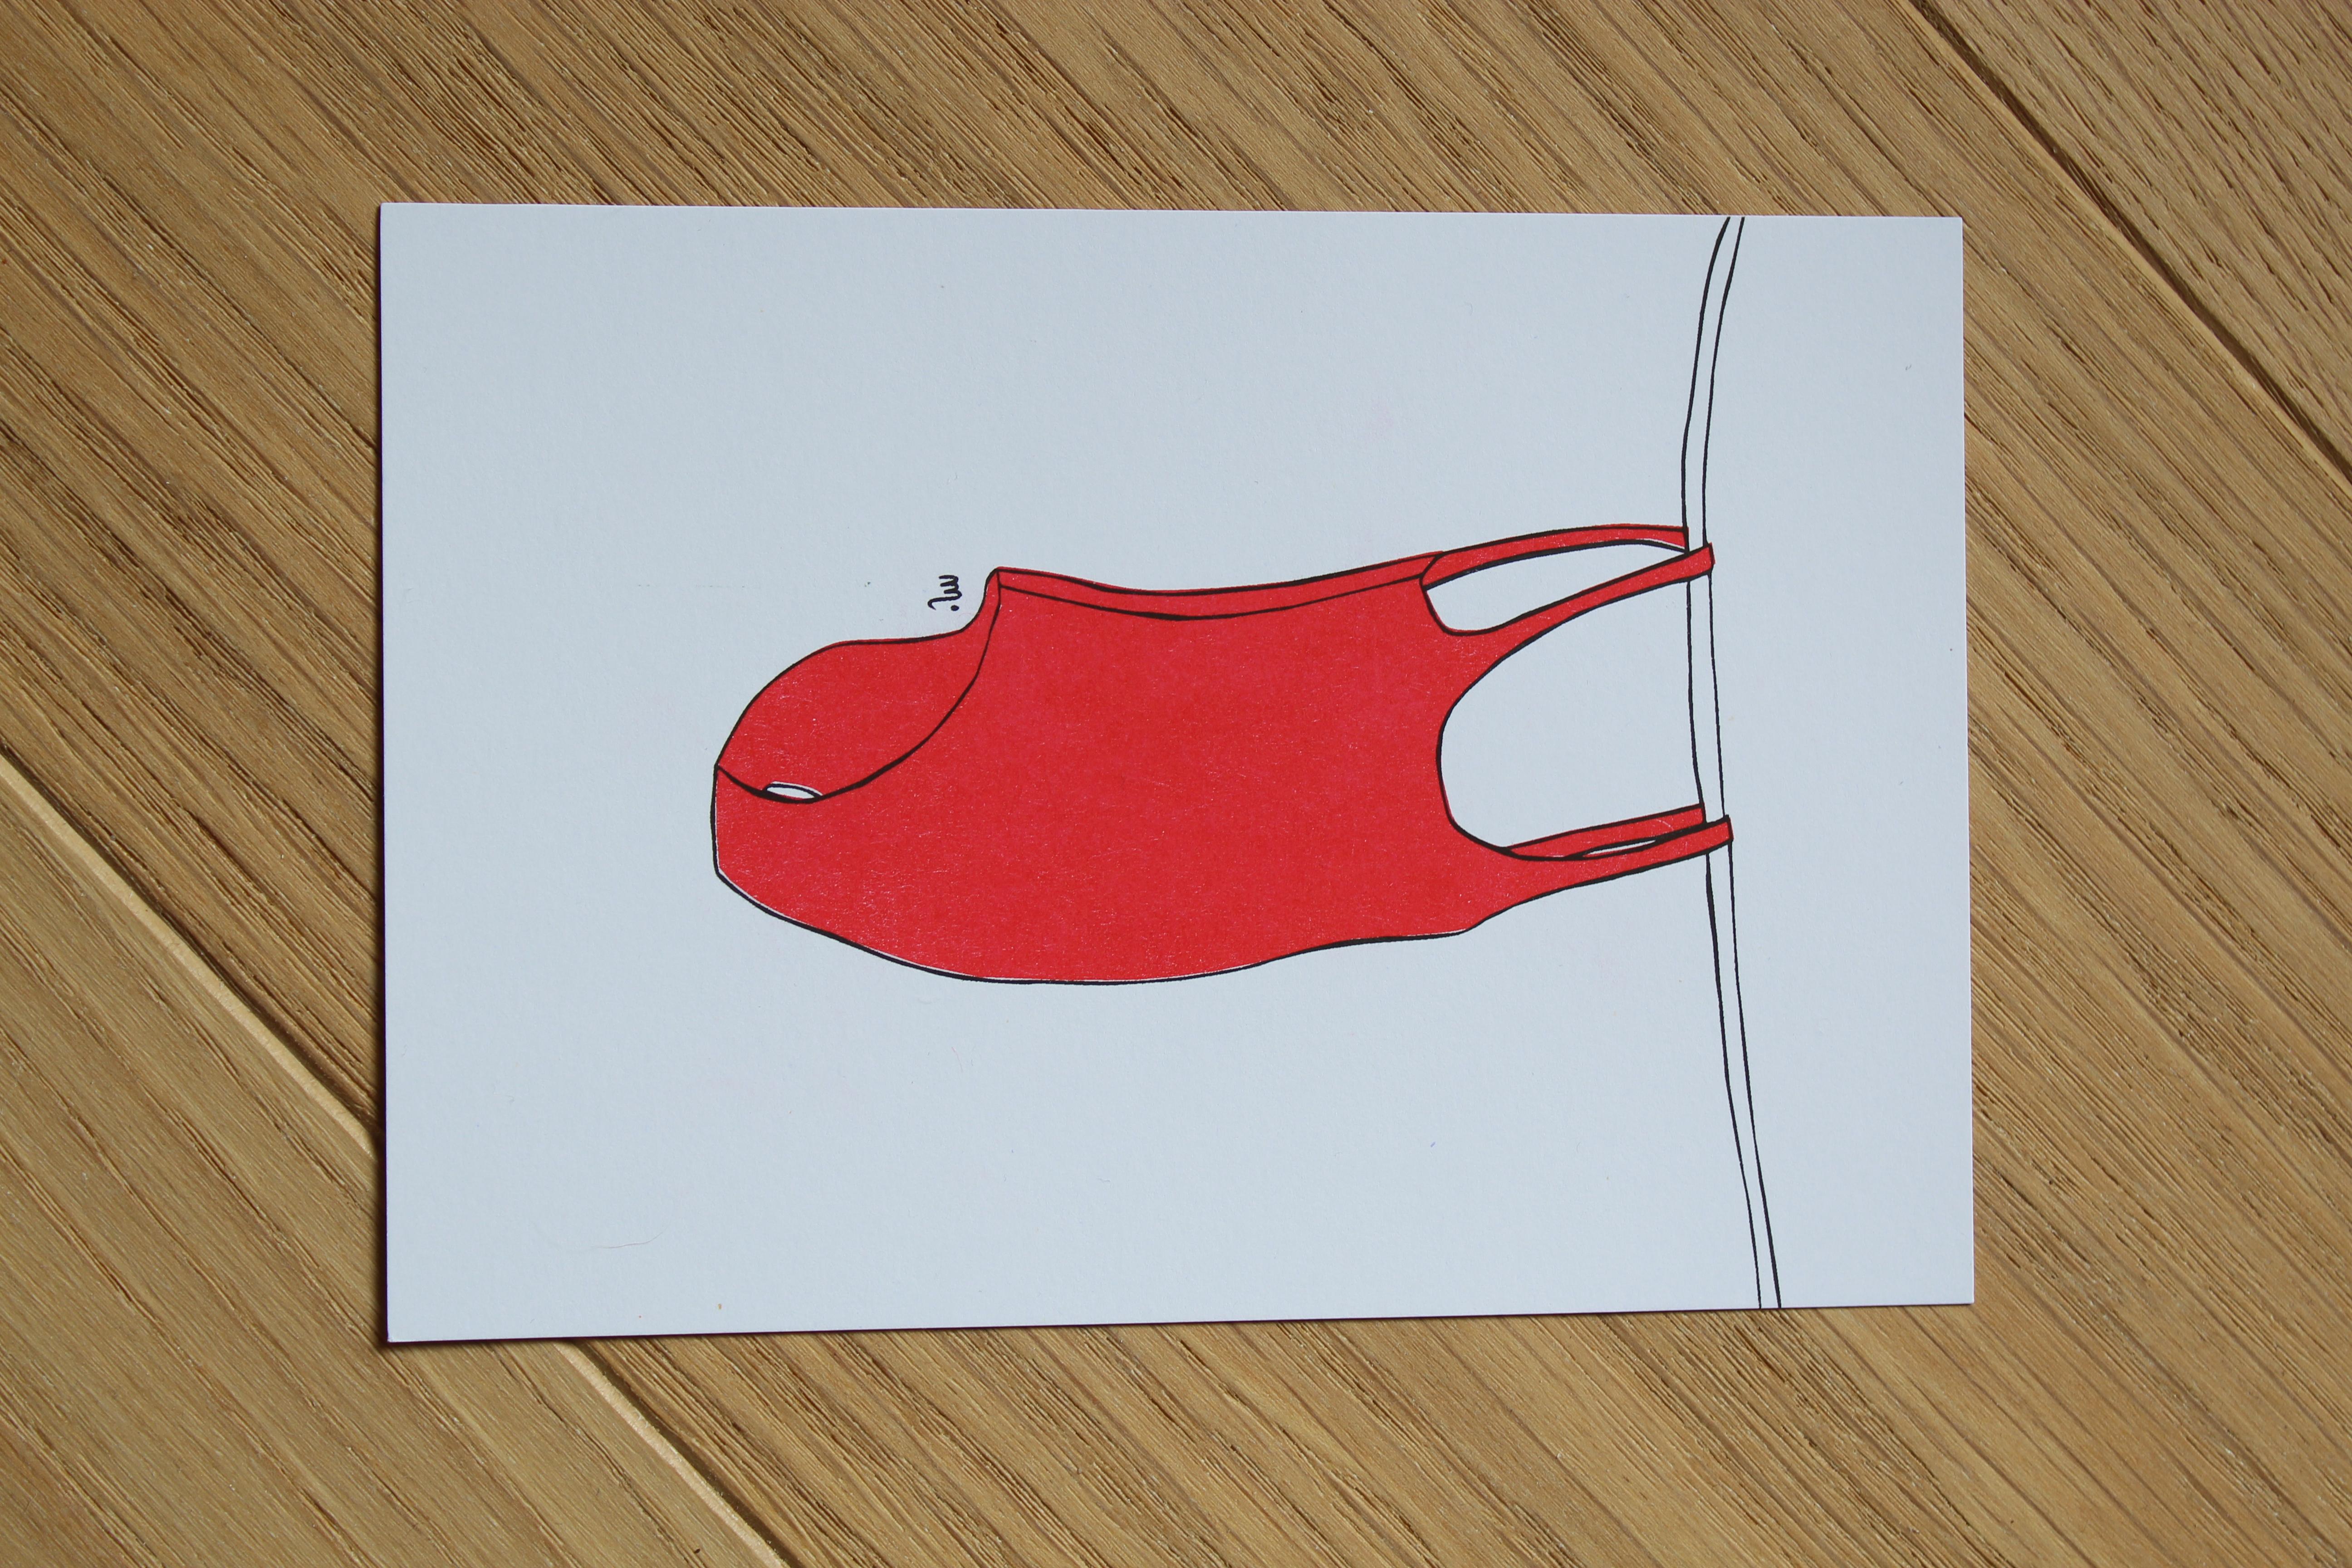 Maillot rouge - Illustration carte postale